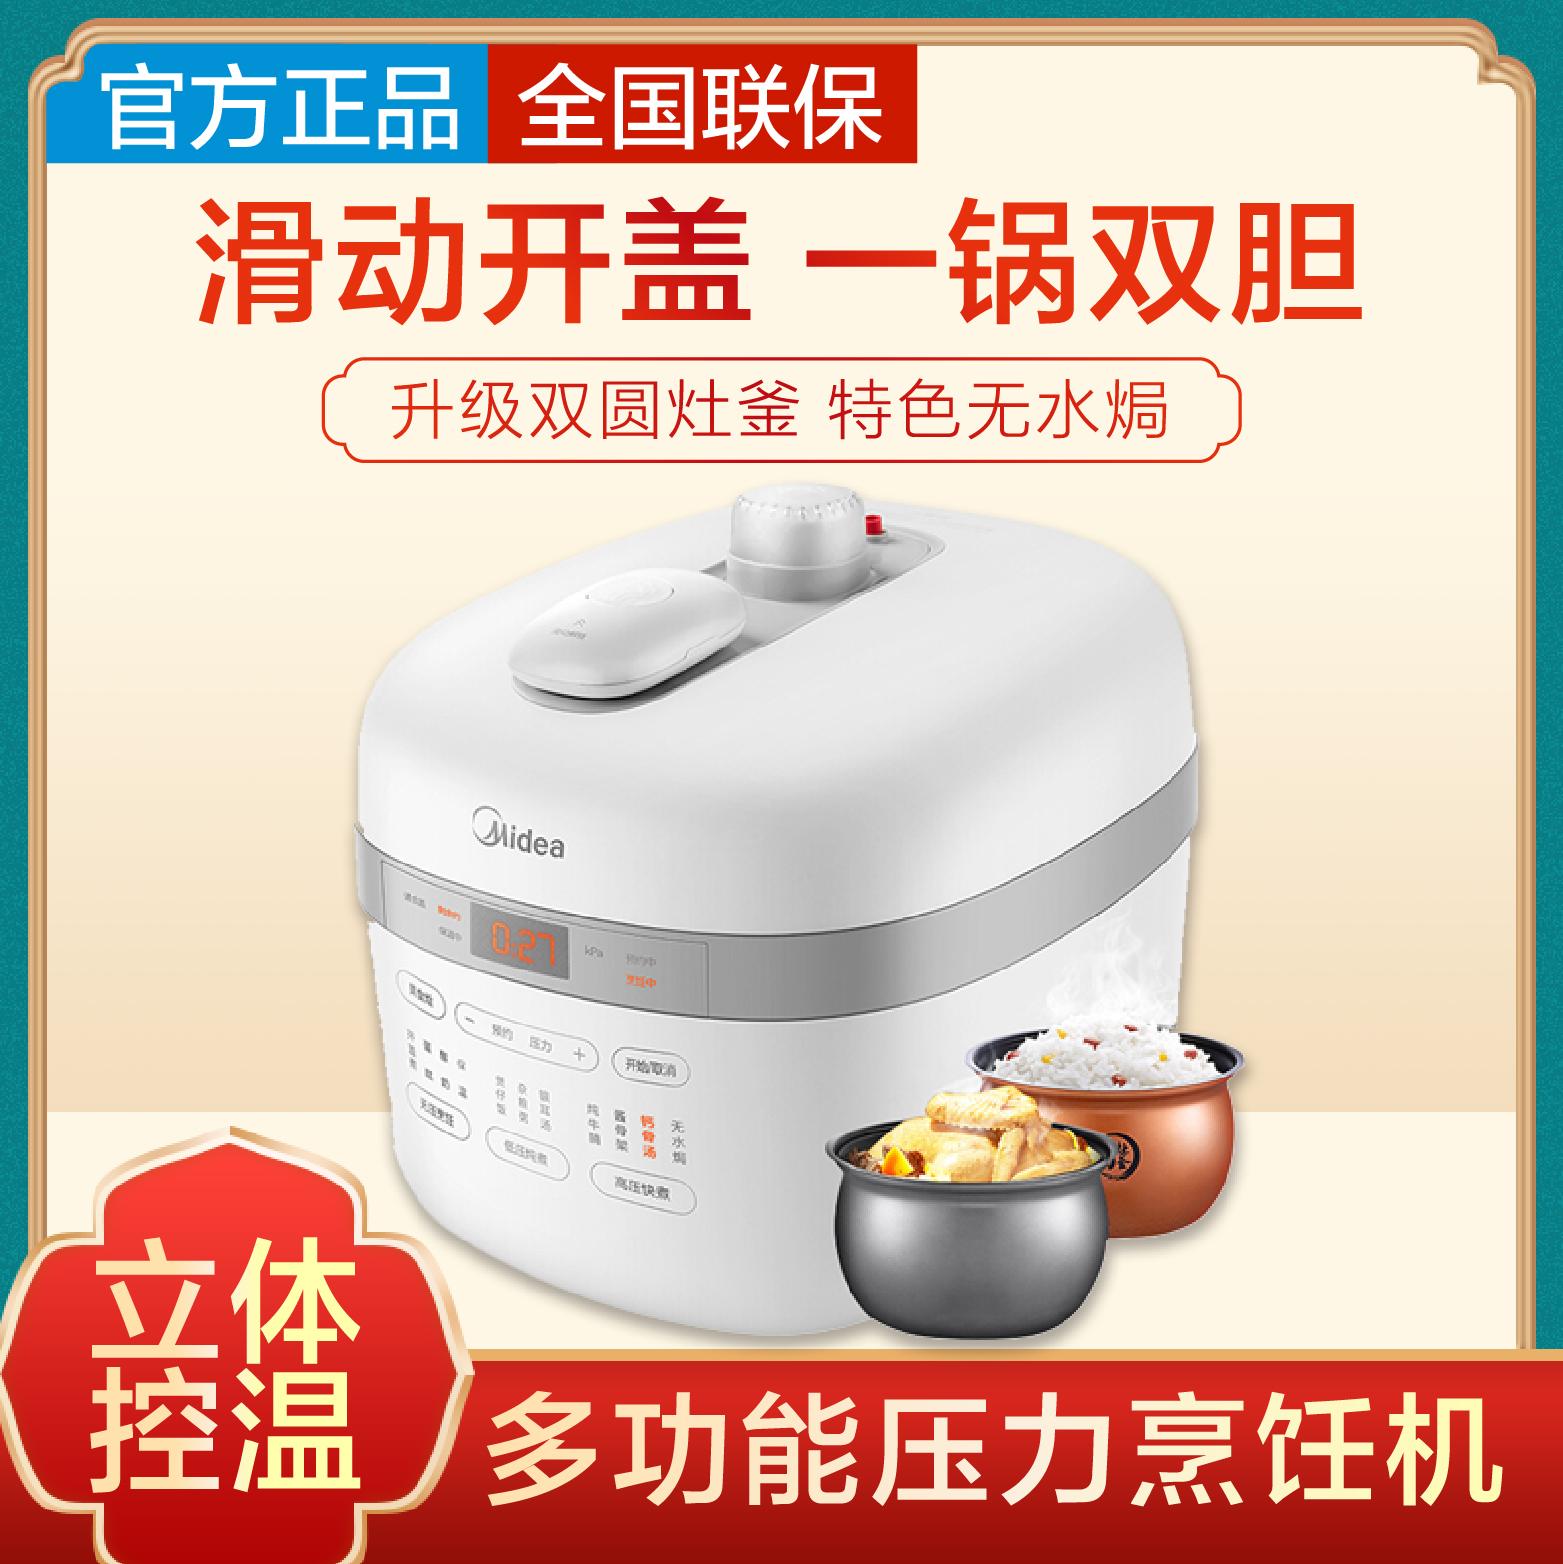 Midea/美的MY-YL50Easy505/506电压力锅家用4.8L高压锅电饭煲多功